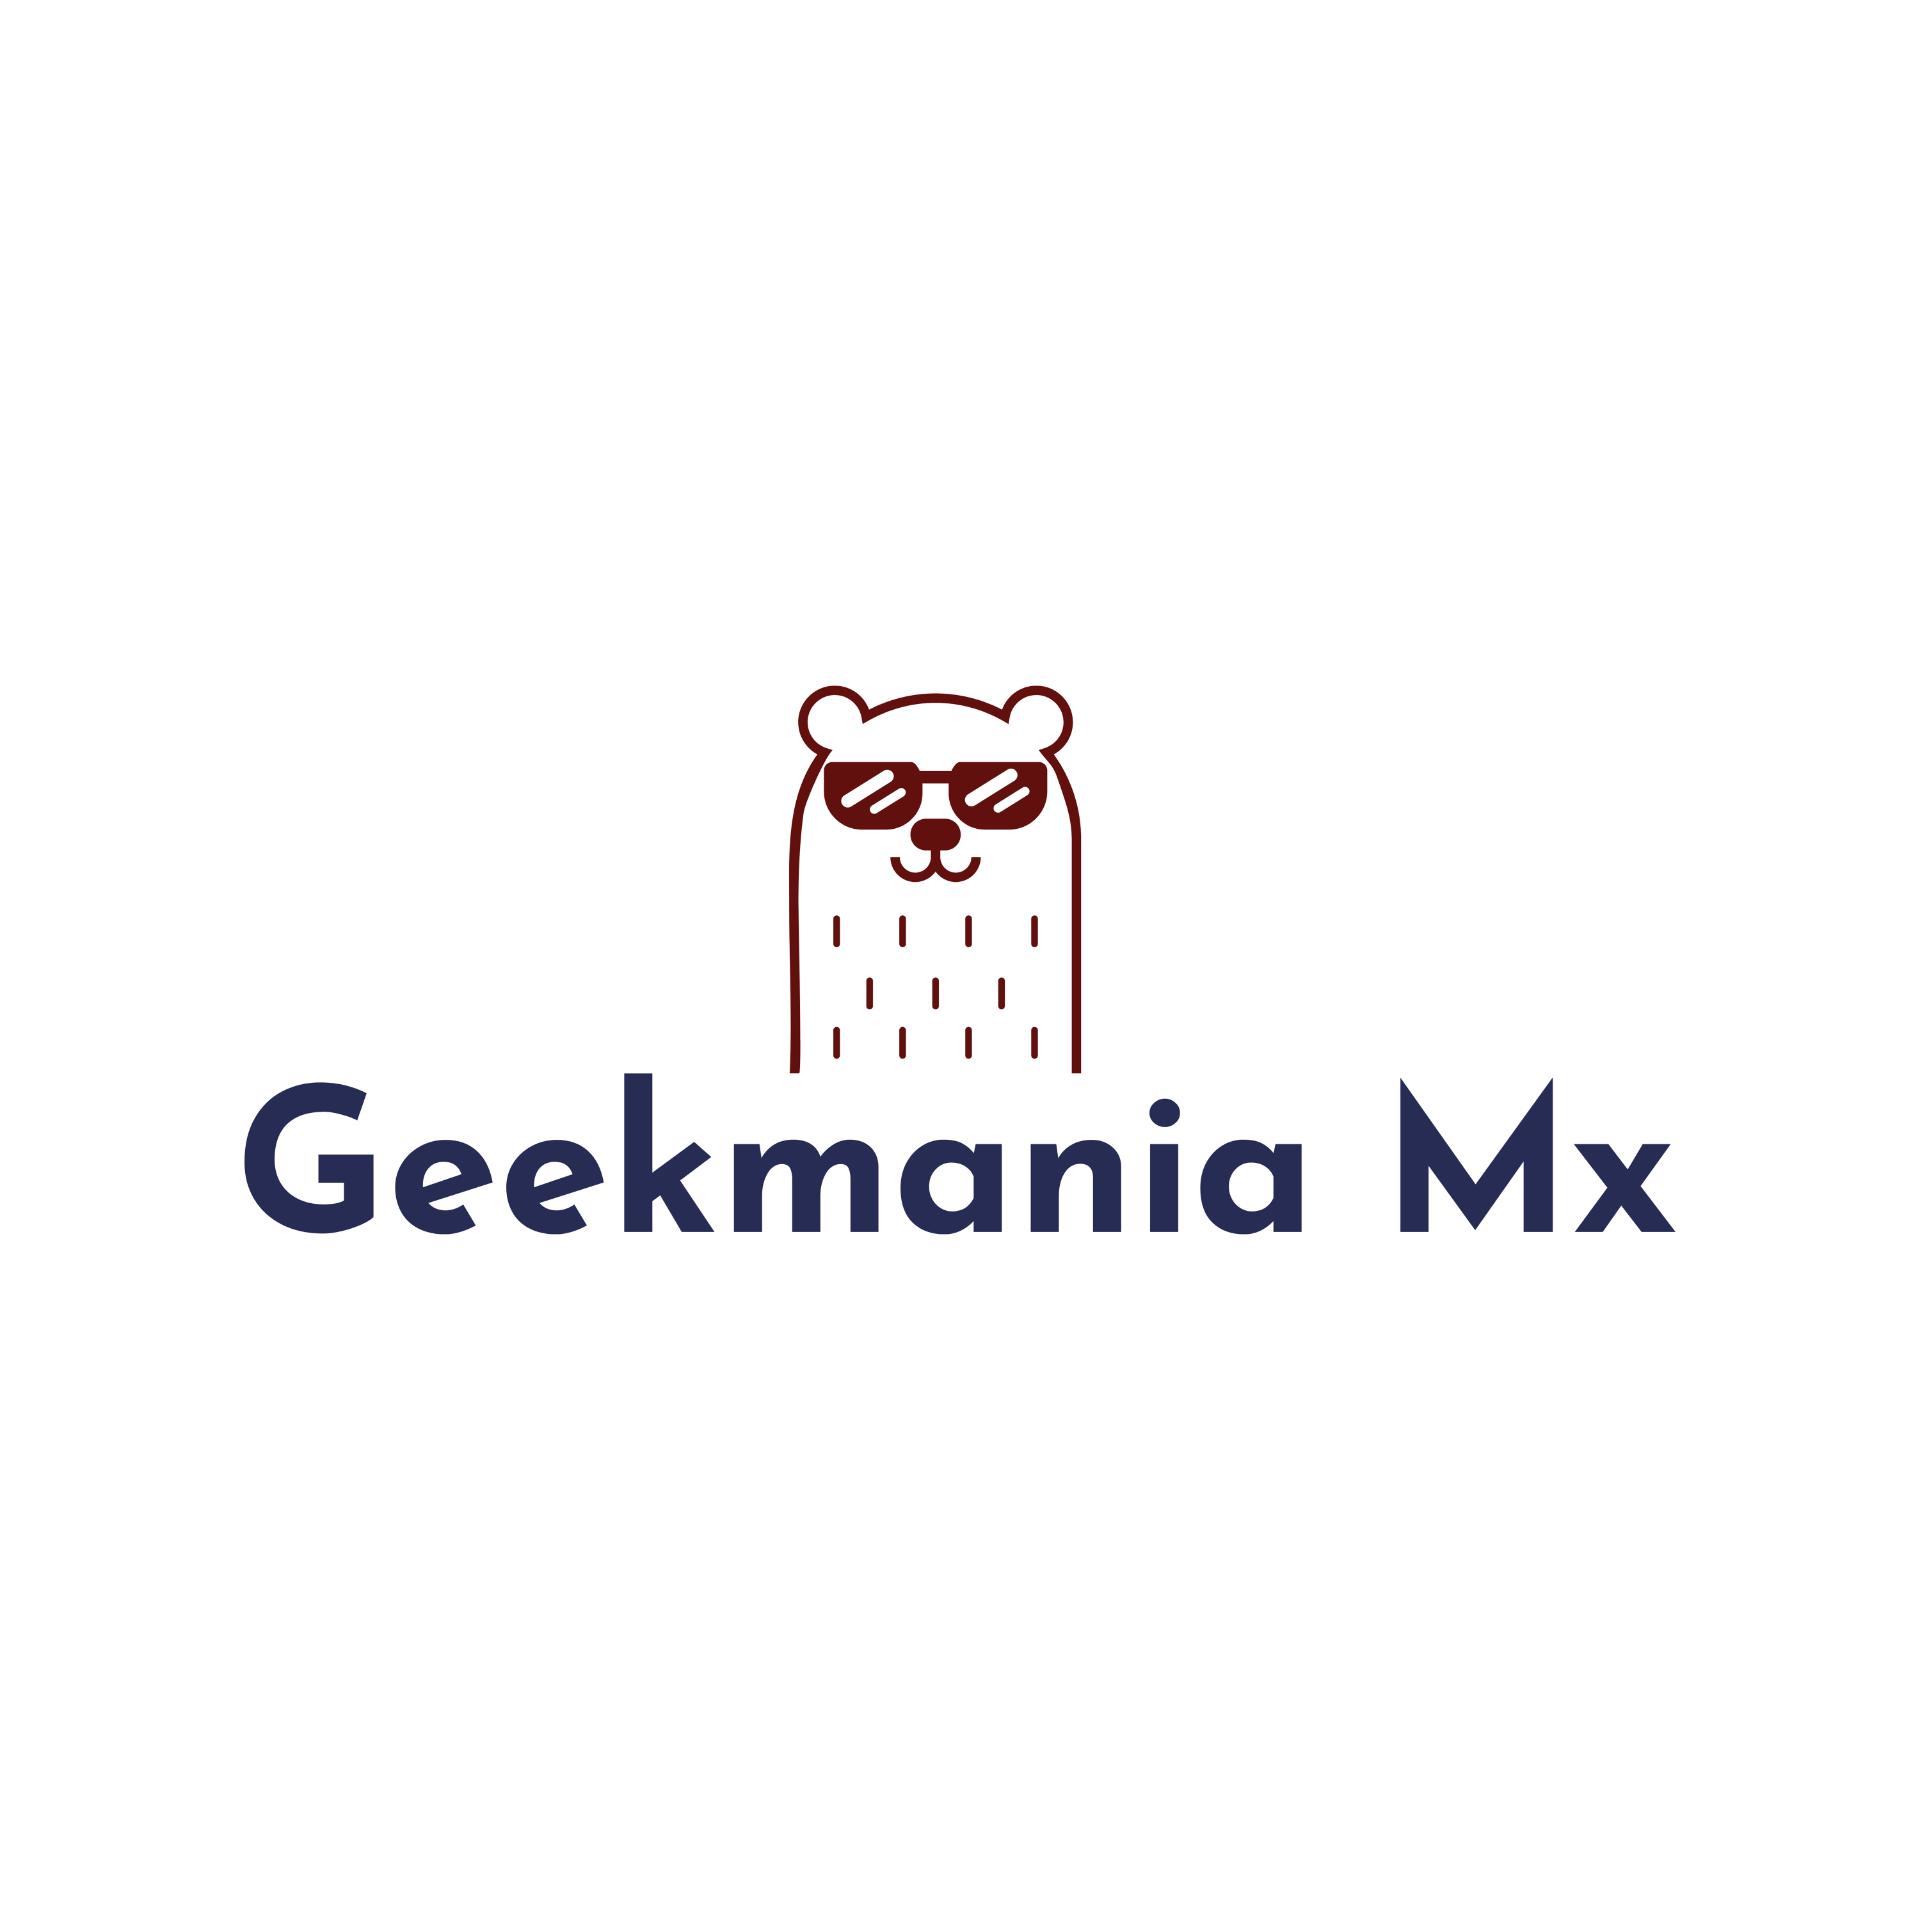 GEEKMANIA MX